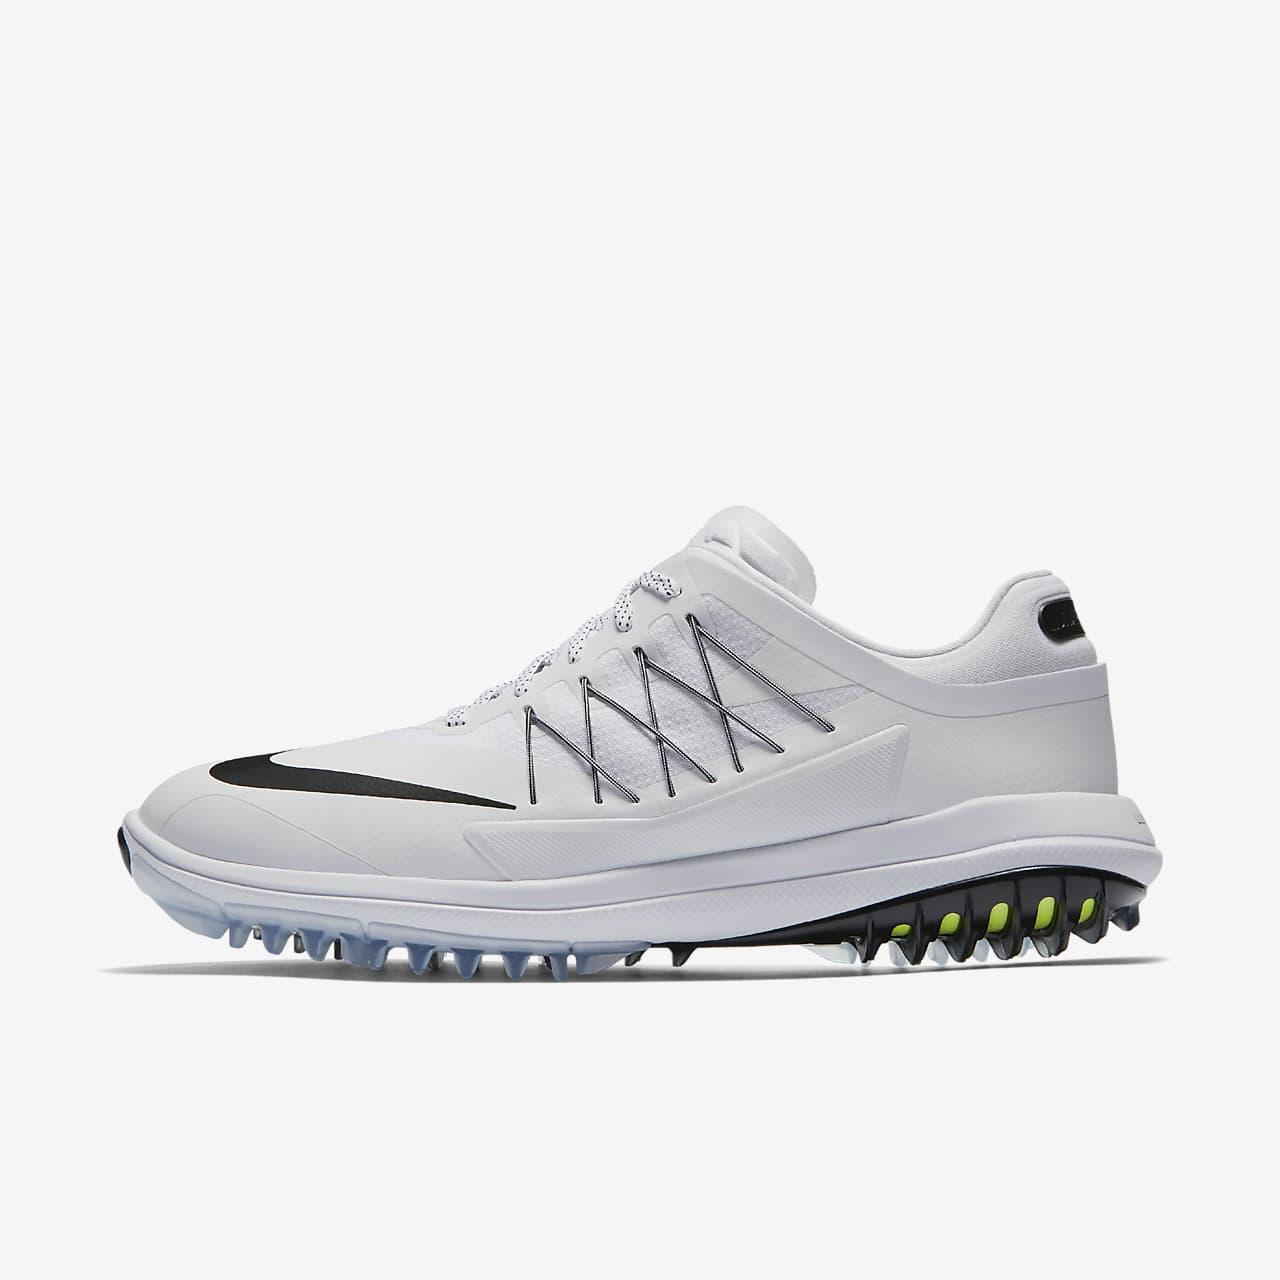 รองเท้ากอล์ฟผู้หญิง Nike Lunar Control Vapor (หน้ากว้าง)